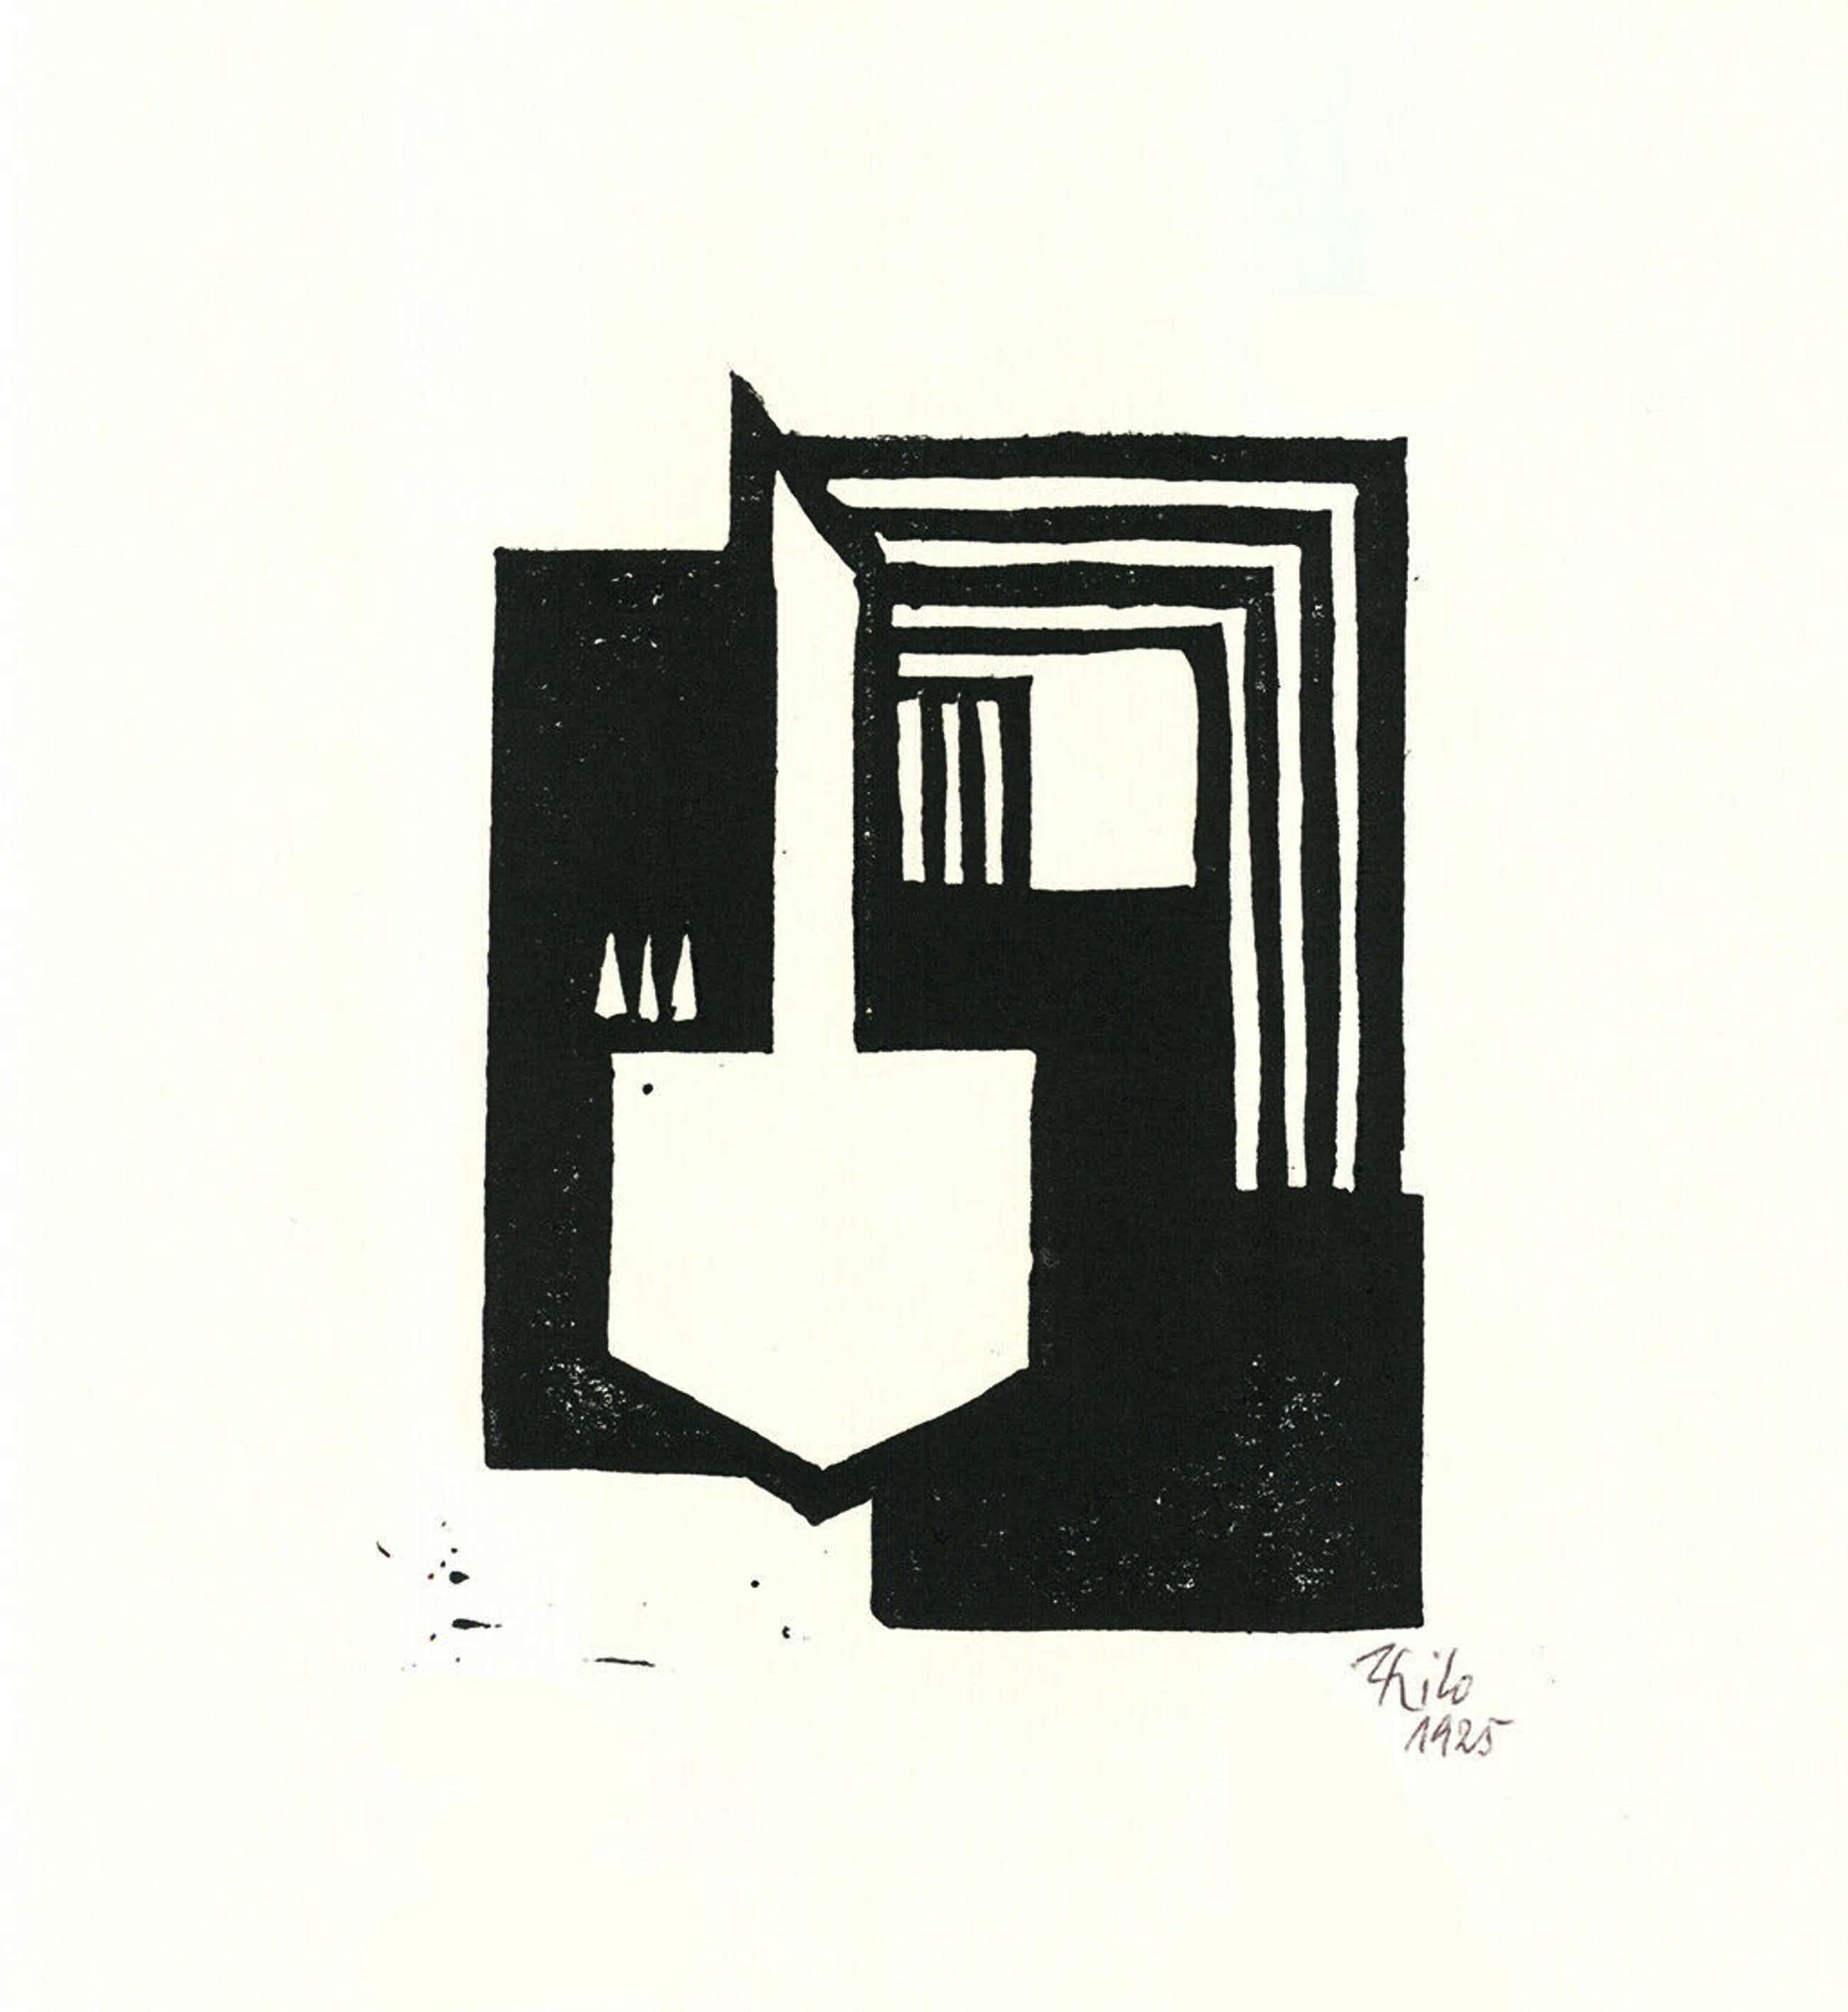 Thilo Maatsch - Handgesigneerde houtsnede: Geometrische Compositie kopen? Bied vanaf 44!